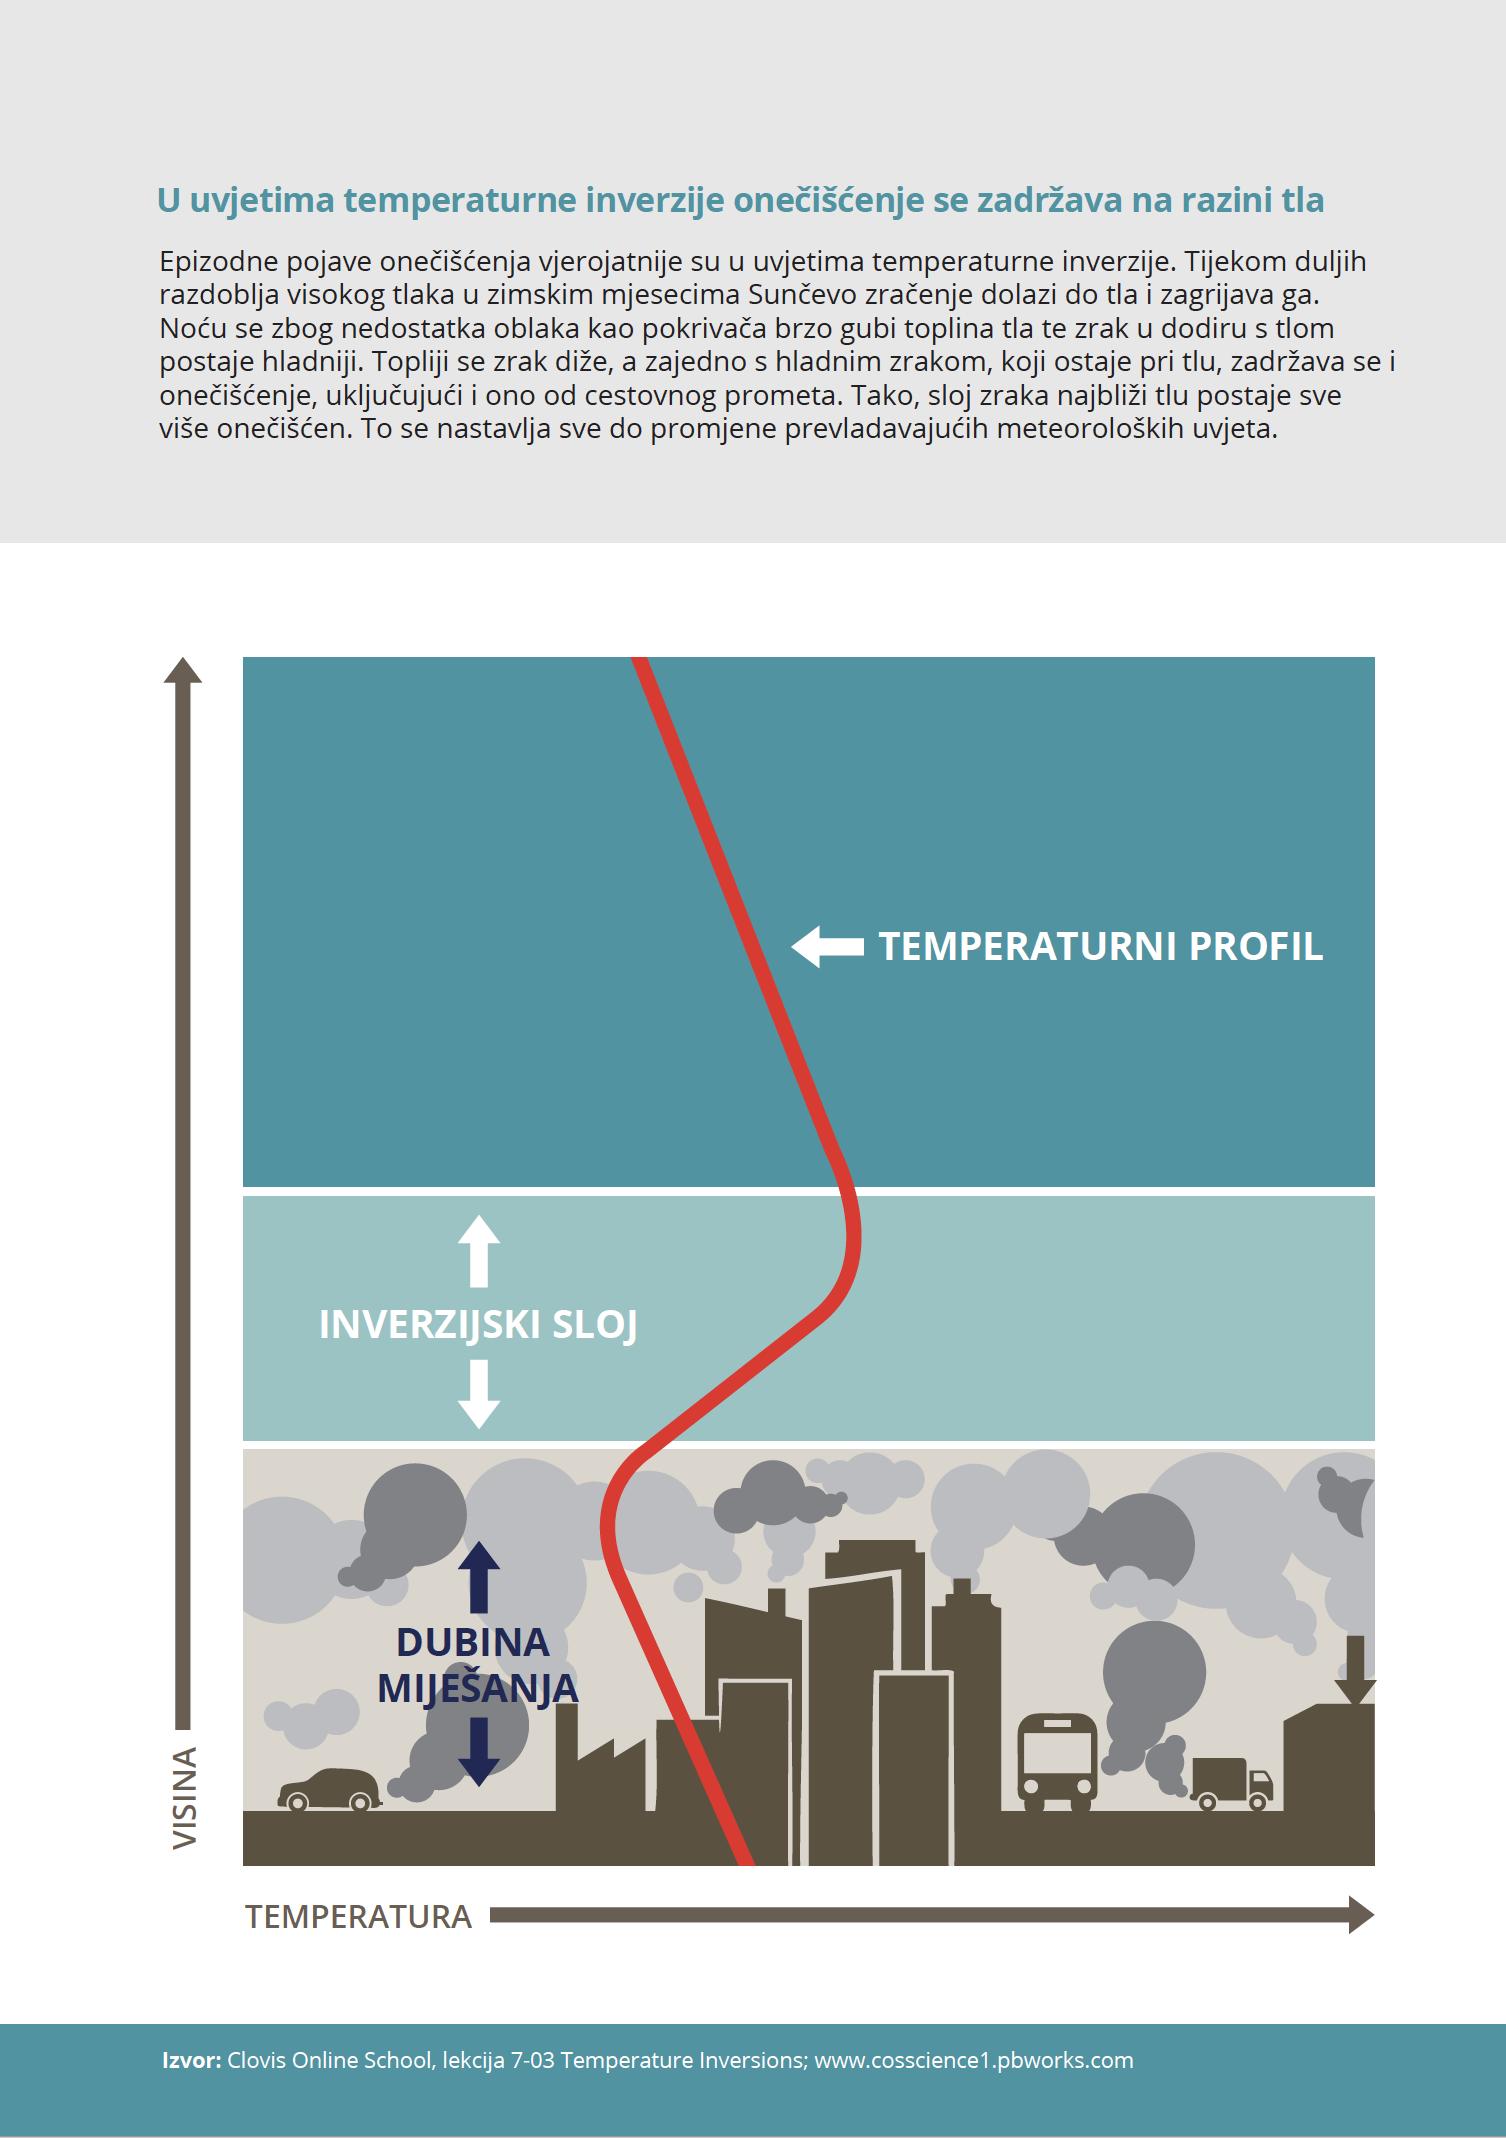 U uvjetima temperaturne inverzije onečišćenje se zaustavlja na razini tla